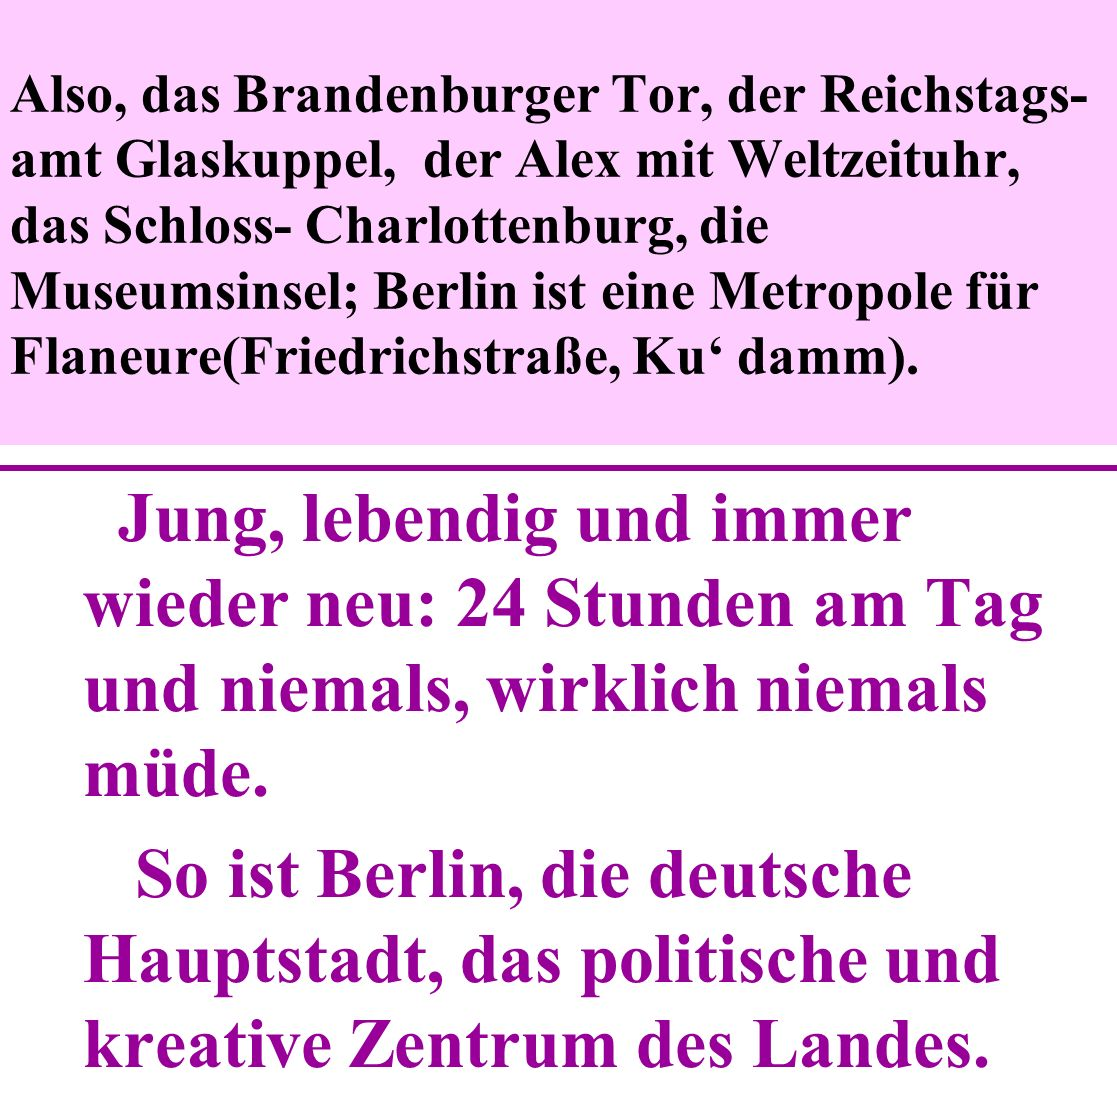 Also, das Brandenburger Tor, der Reichstags- amt Glaskuppel, der Alex mit Weltzeituhr, das Schloss- Charlottenburg, die Museumsinsel; Berlin ist eine Metropole für Flaneure(Friedrichstraße, Ku' damm).